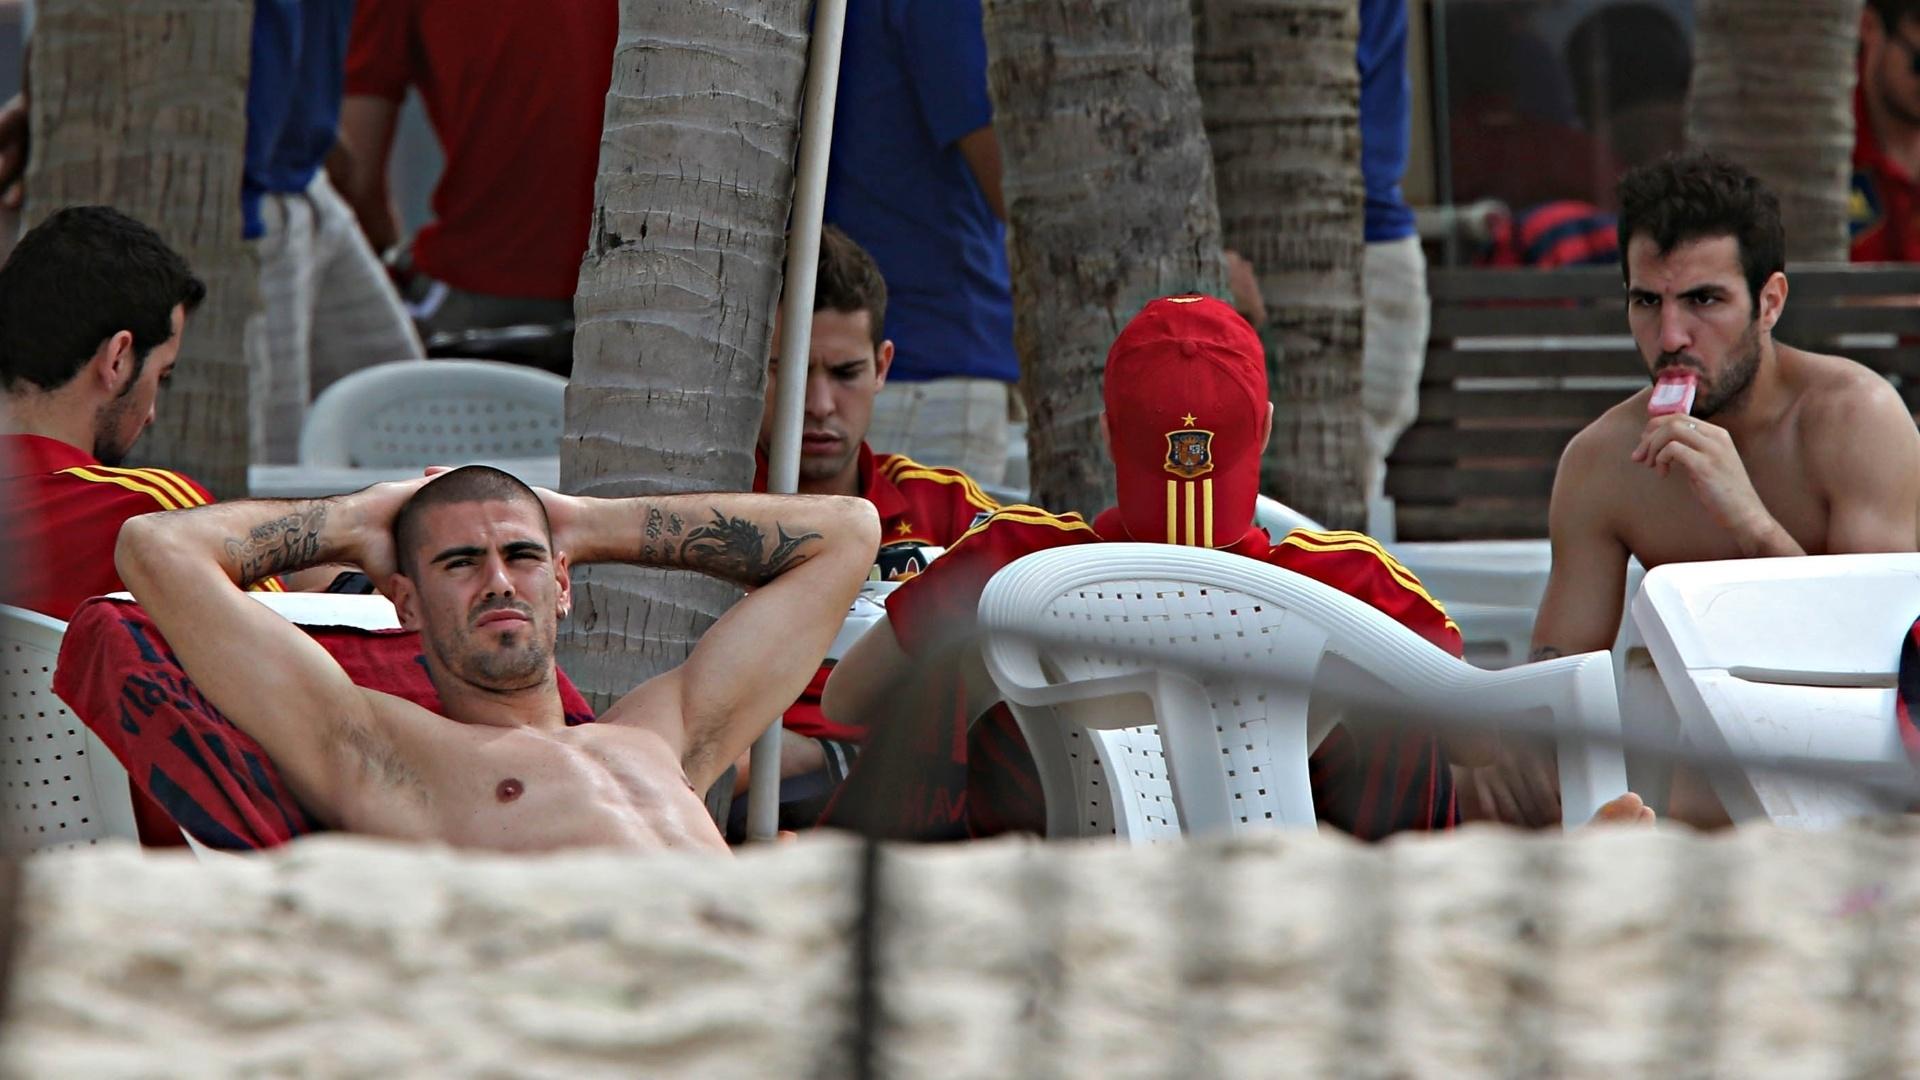 24.jun.2013 - Fàbregas chupa picolé enquanto se diverte com os companheiros de Espanha na praia